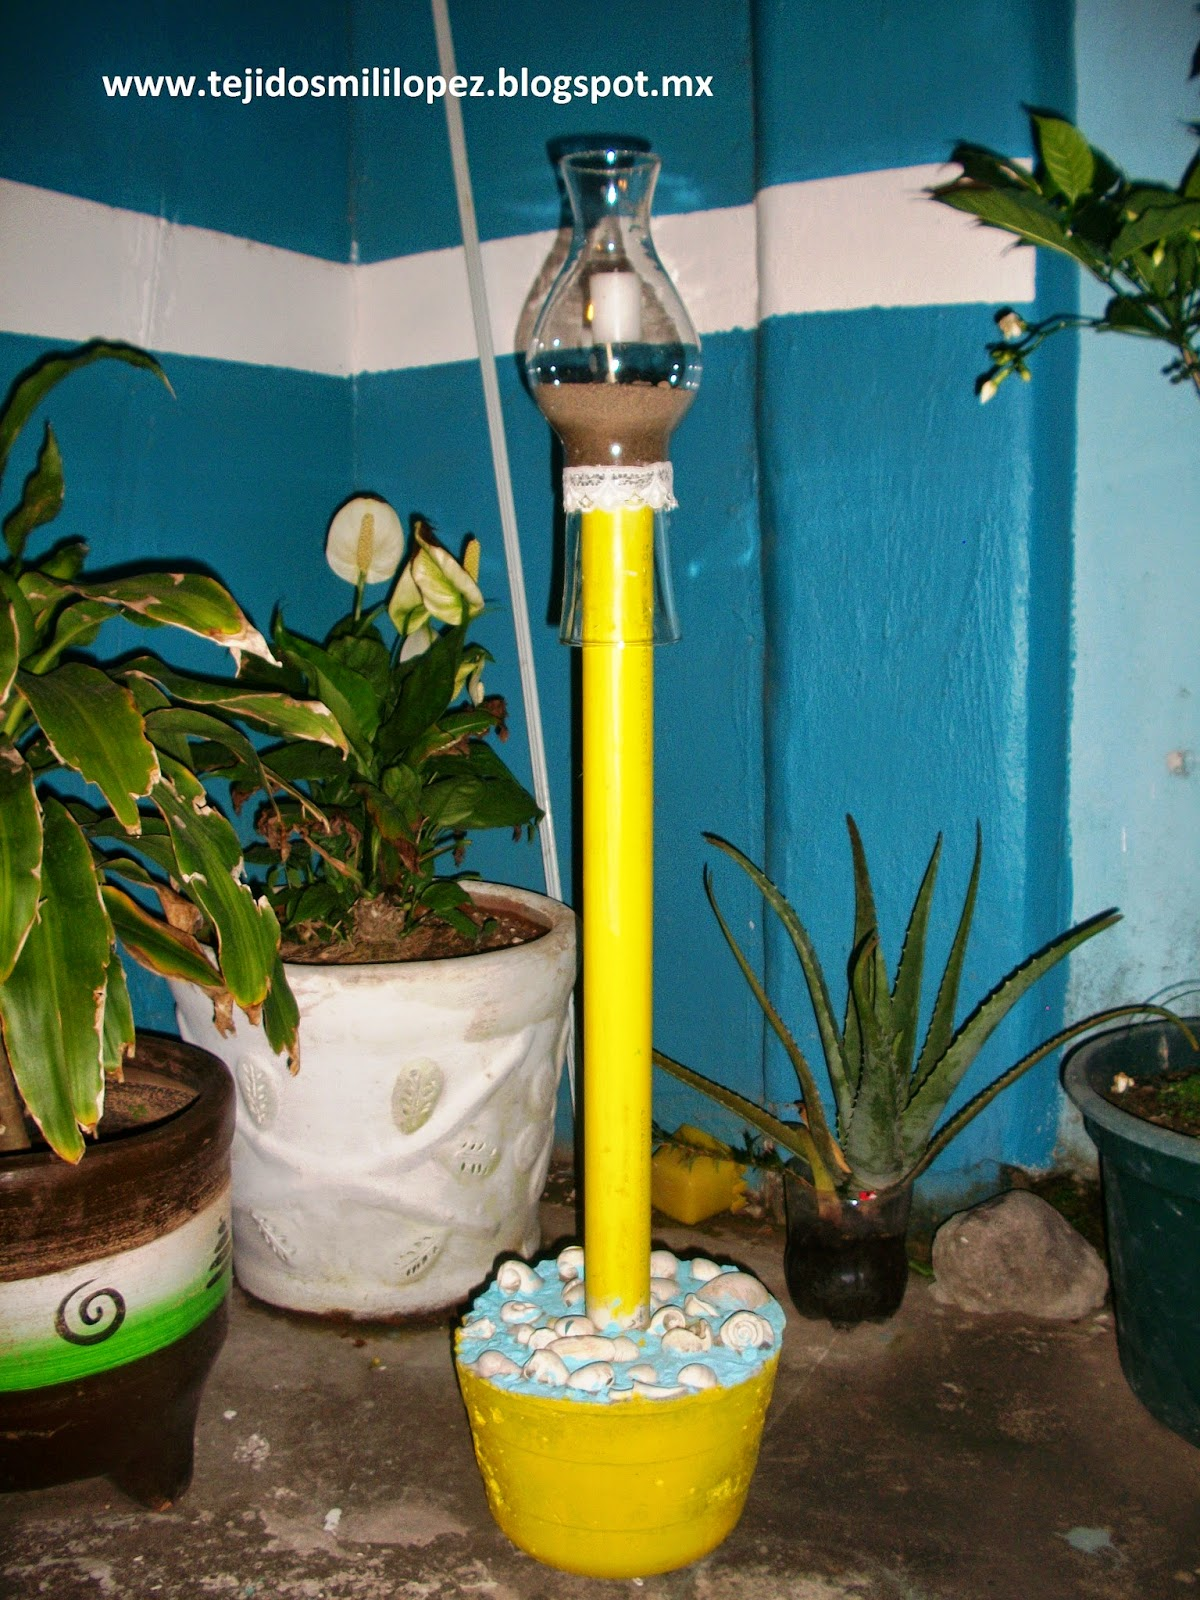 Tocando mis sue os porta velas y porta sombrilla for Como hacer una sombrilla para jardin